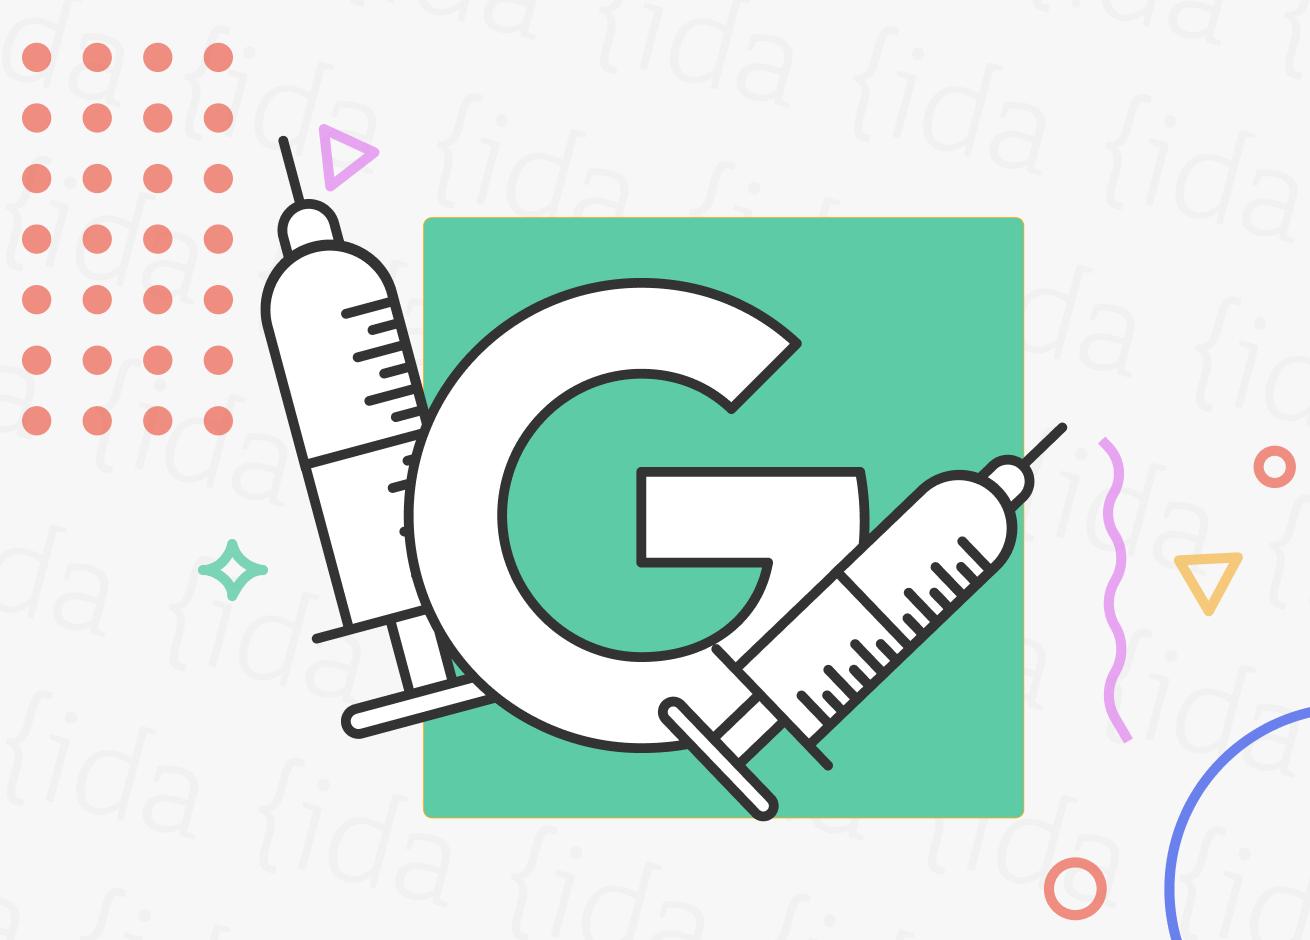 """Una """"G"""" que hace referencia a Google con dos vacunas a su costado."""